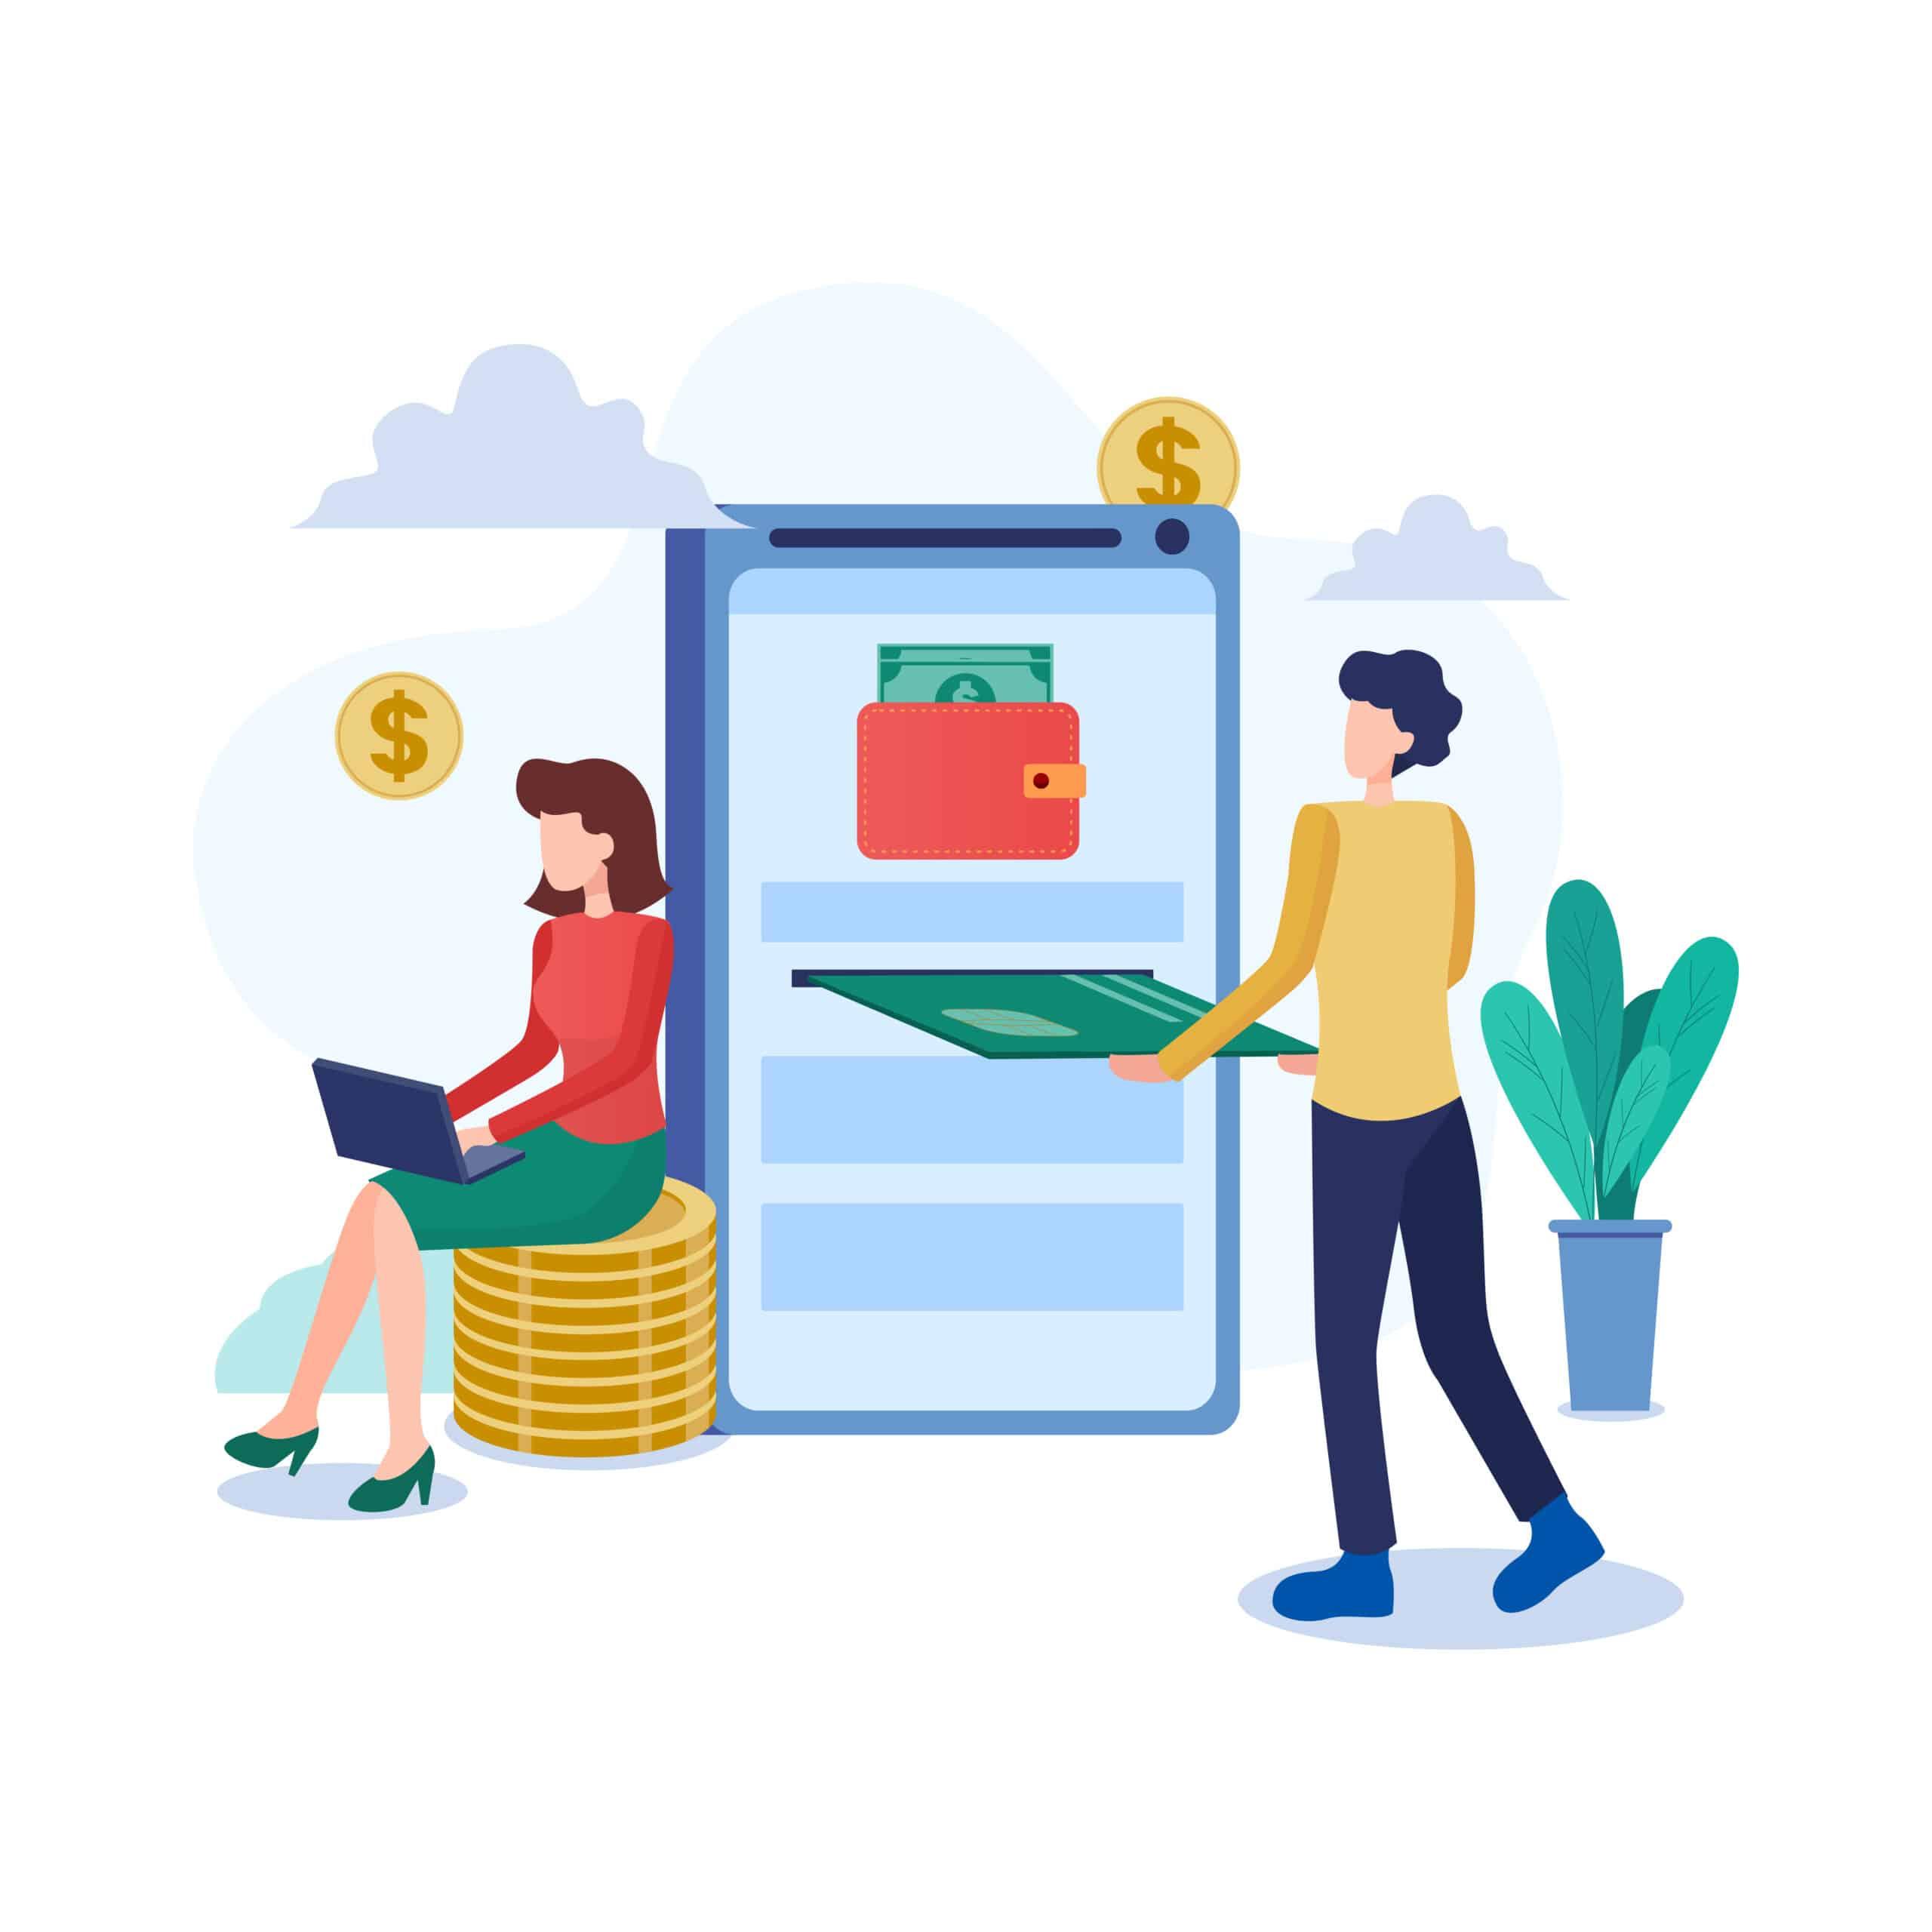 Сигурност и защита - Какво включват услугите за изработка на онлайн магазин във Велико Търново и страната - Project Yordanov